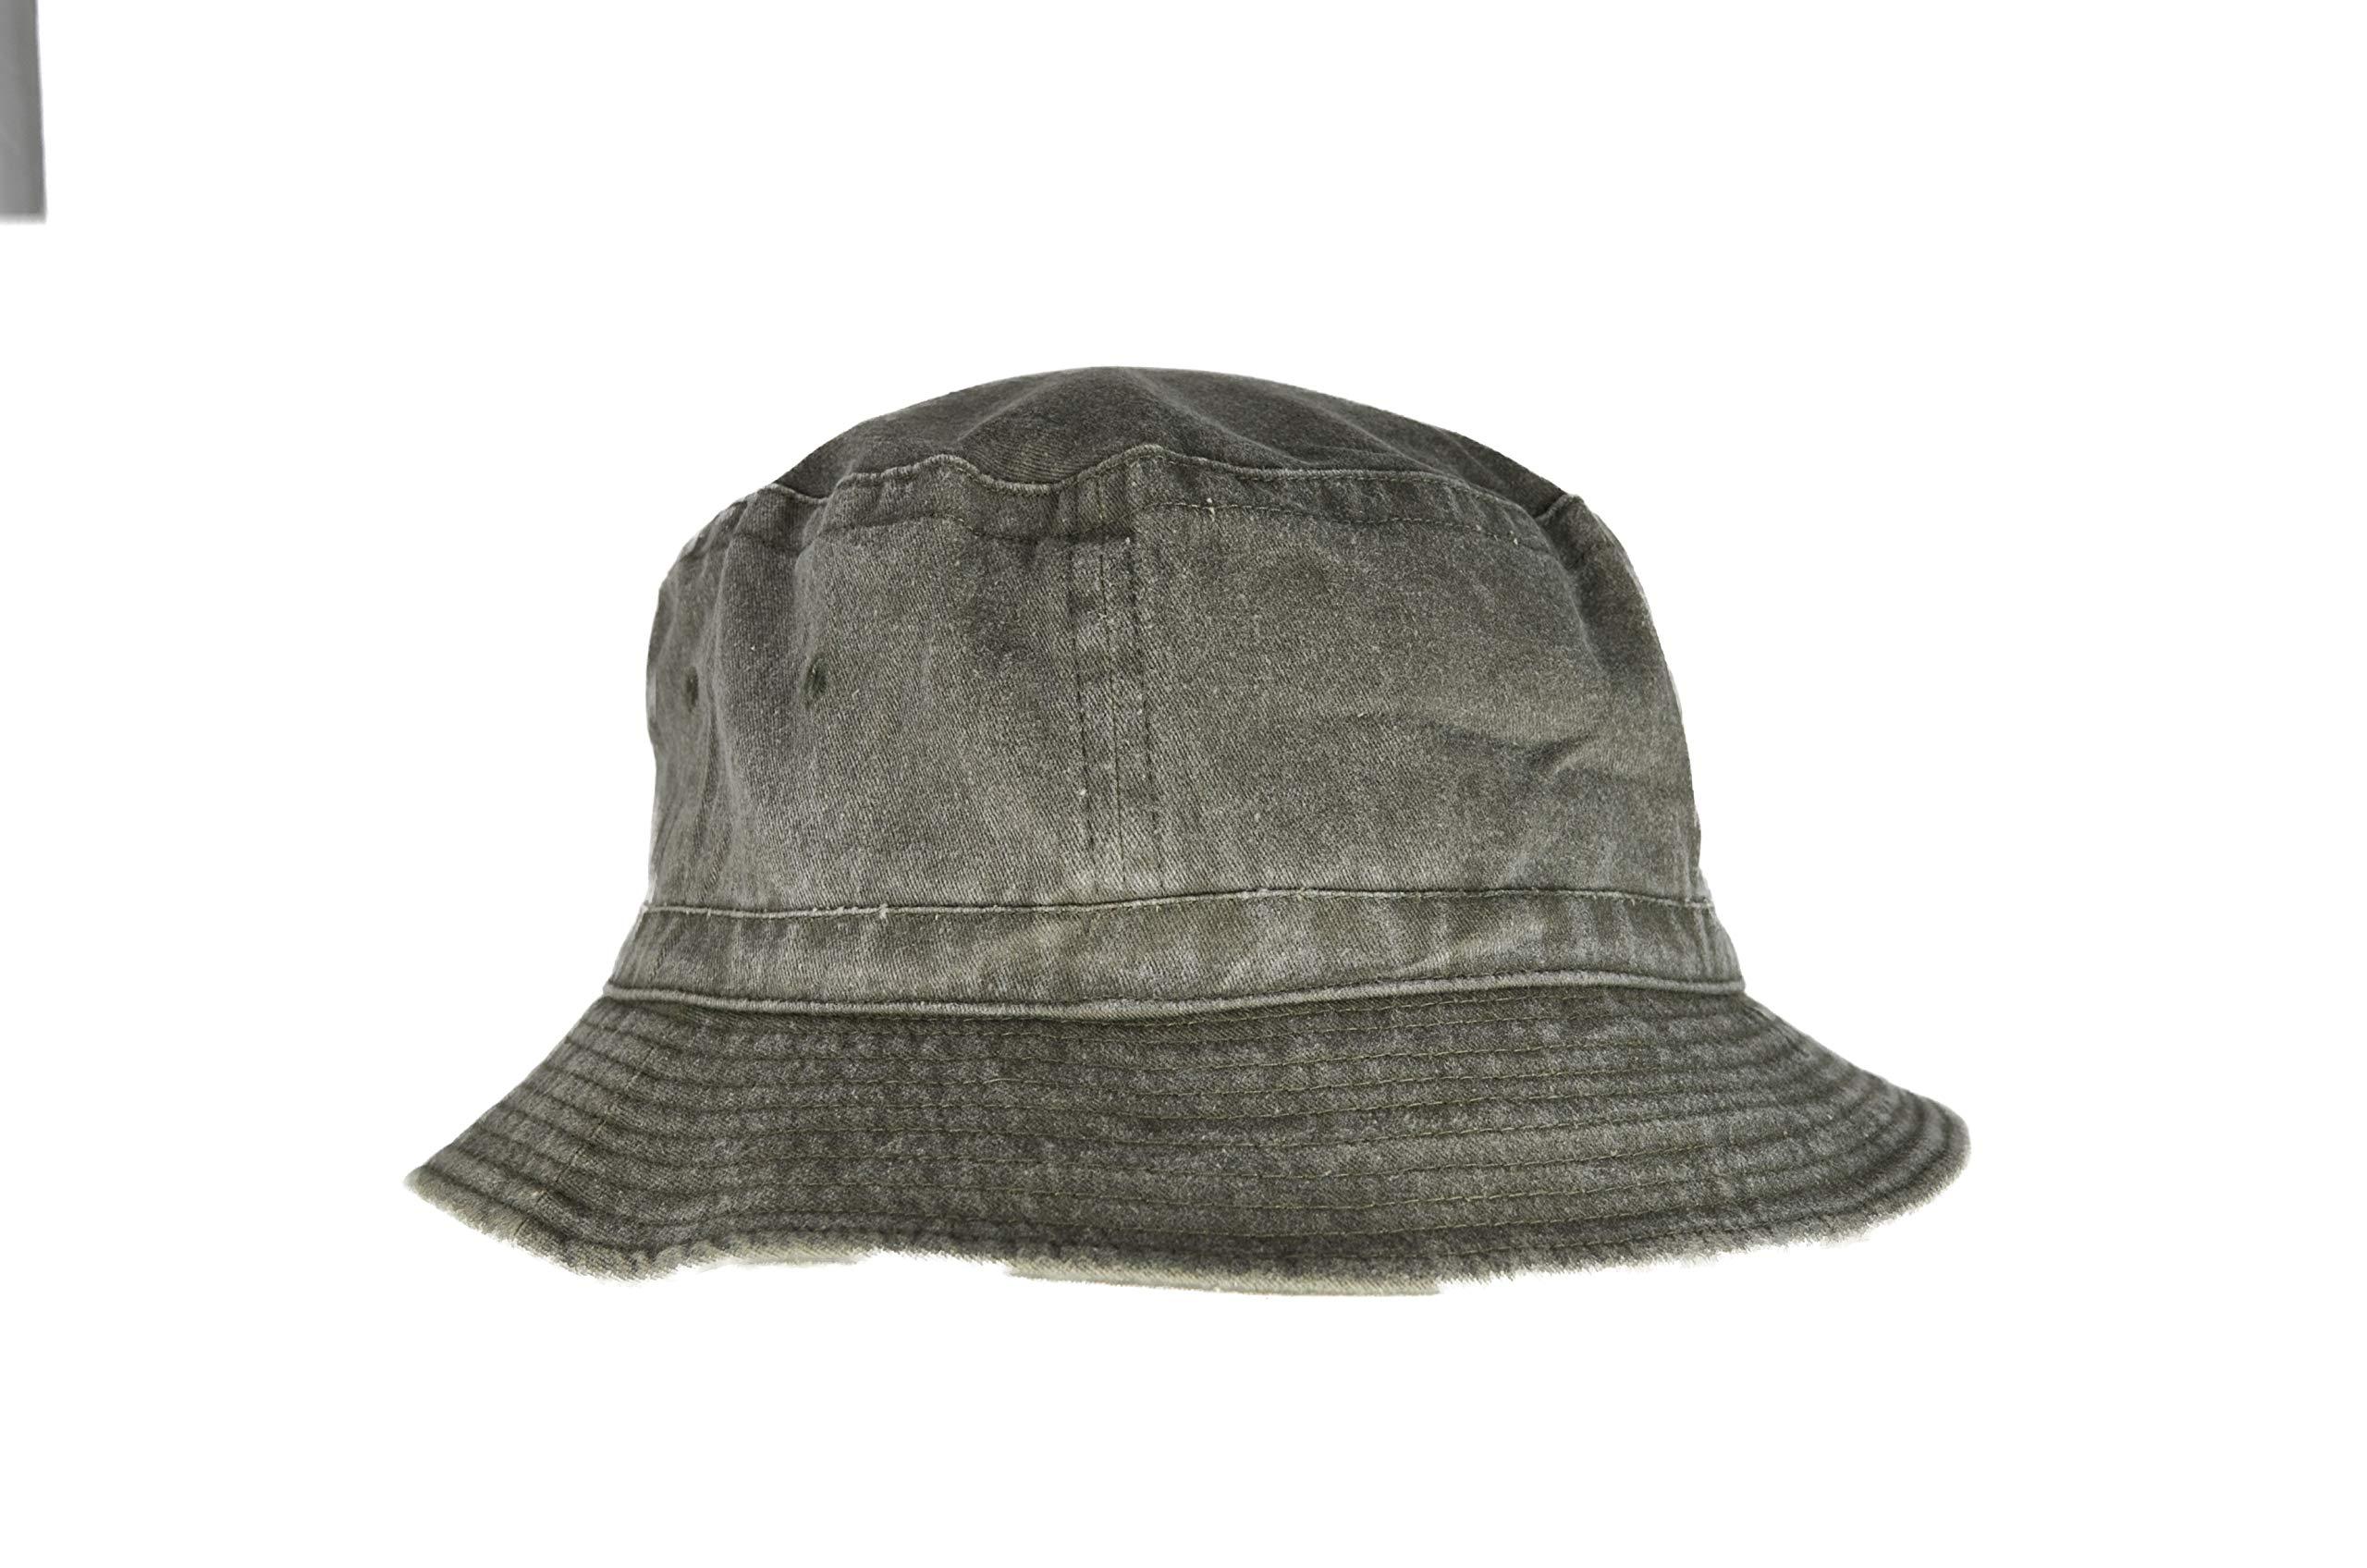 a52050318a1 Men s Bucket Hat - Size 2X - Hat Size 7 3 4-8 - Denim.Fit